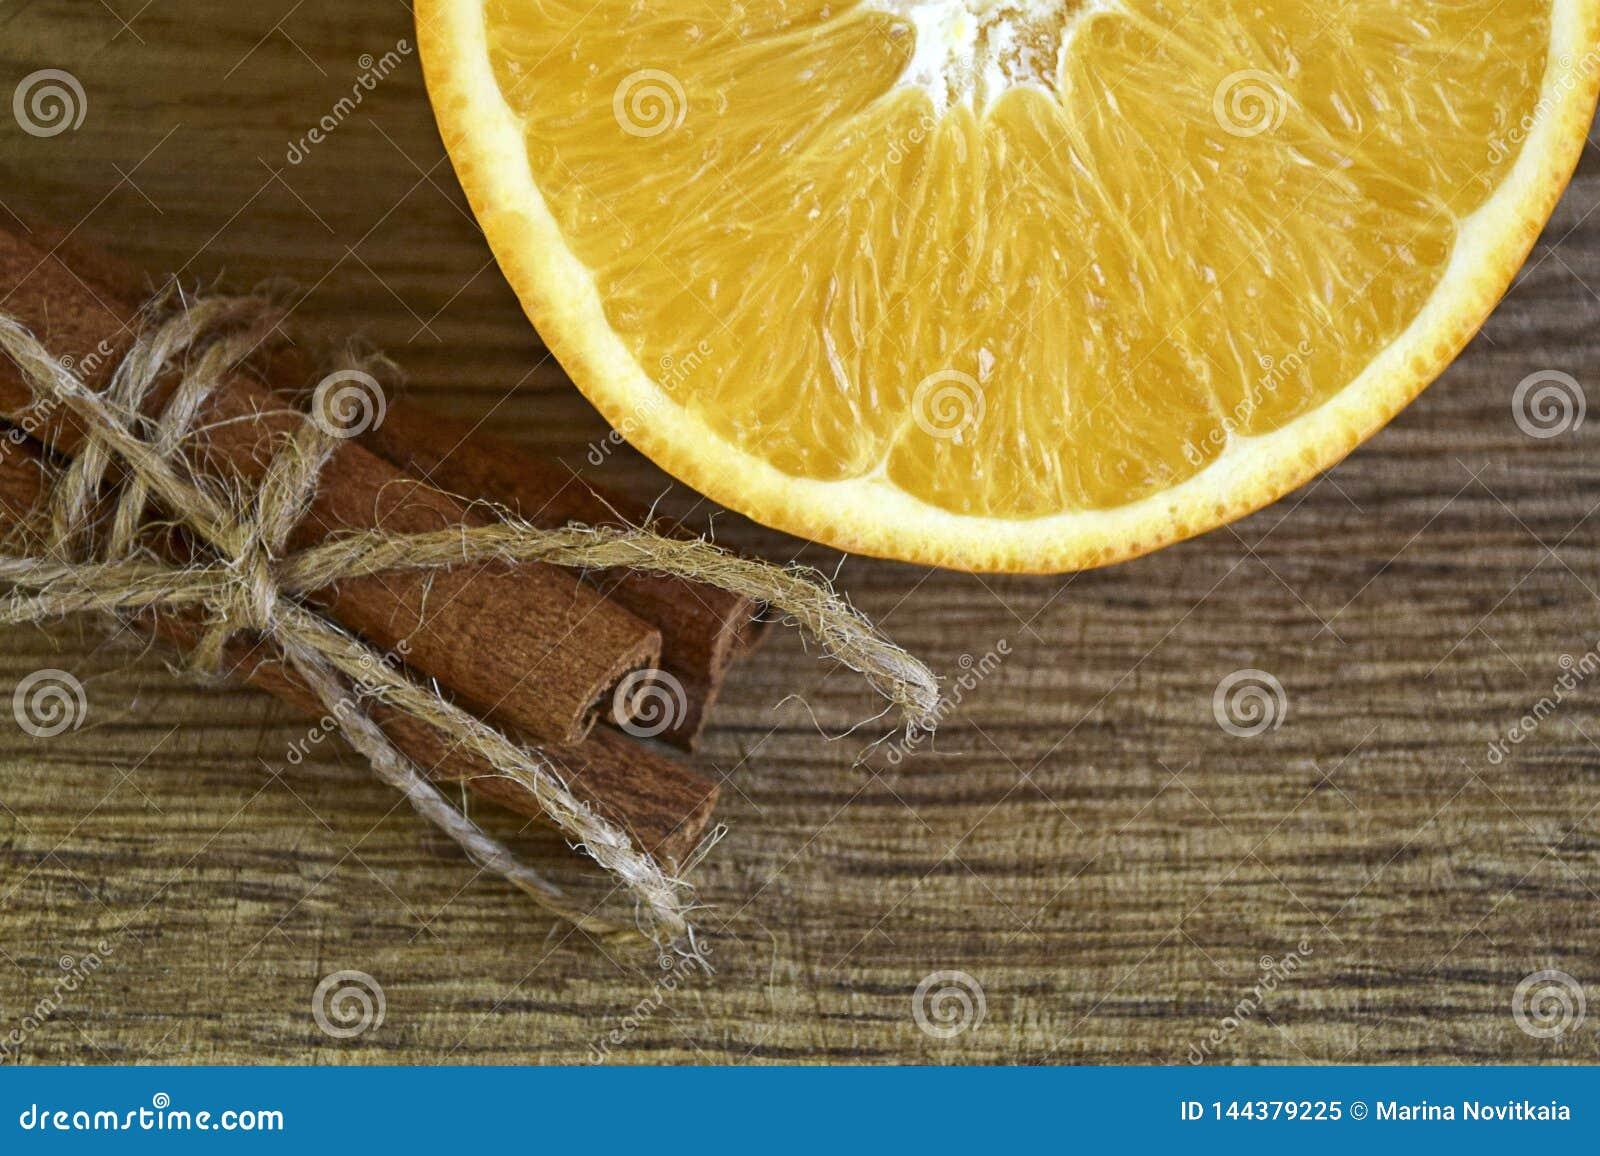 Cortó la naranja y los palillos de canela frescos